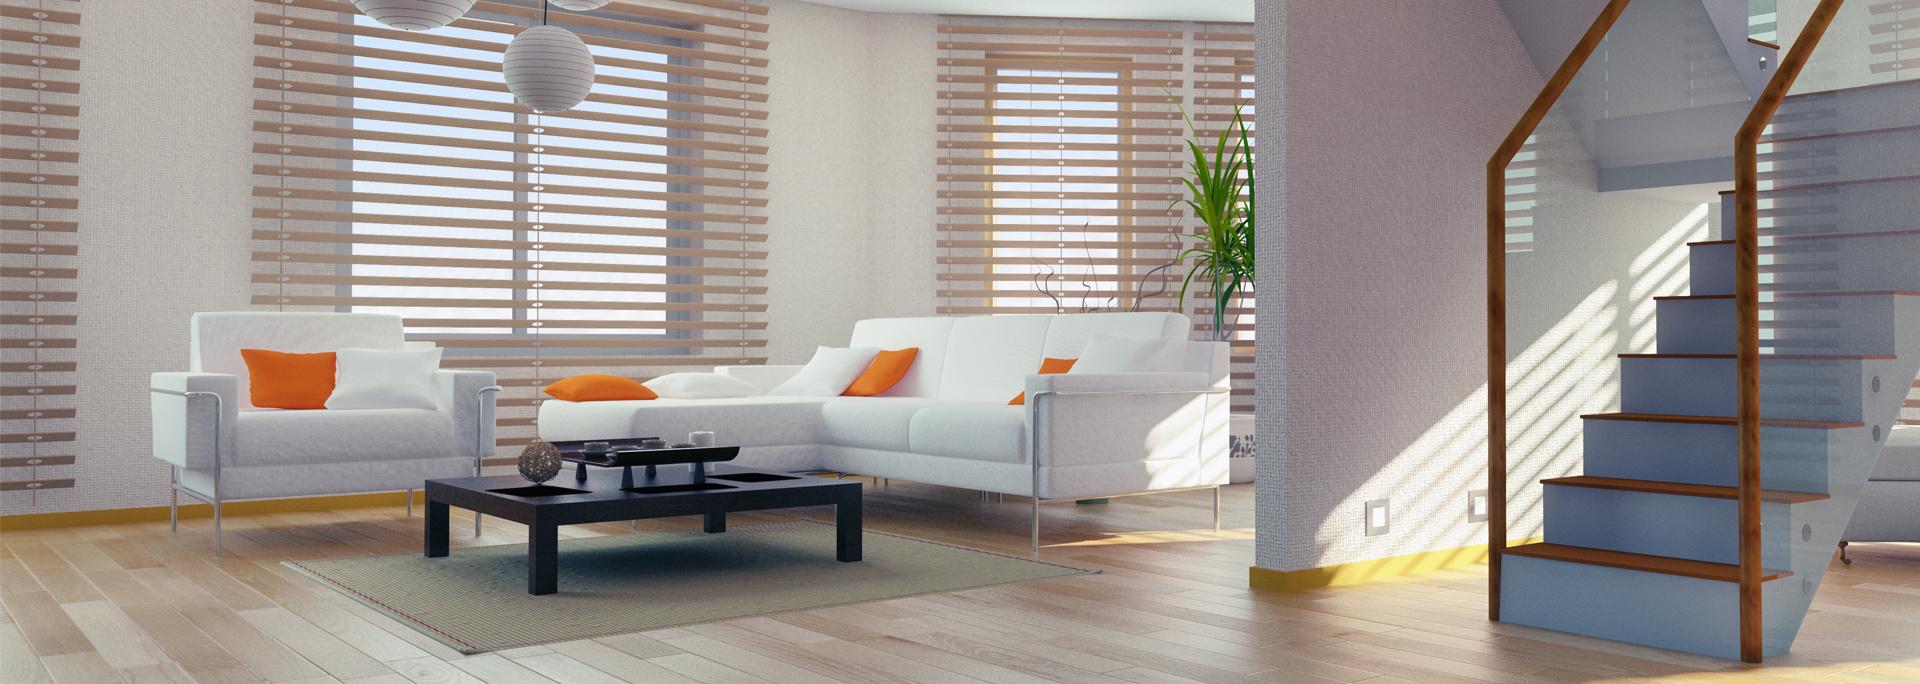 rigaud immobilier perpignan et plus vente appartement et maison perpignan sud. Black Bedroom Furniture Sets. Home Design Ideas